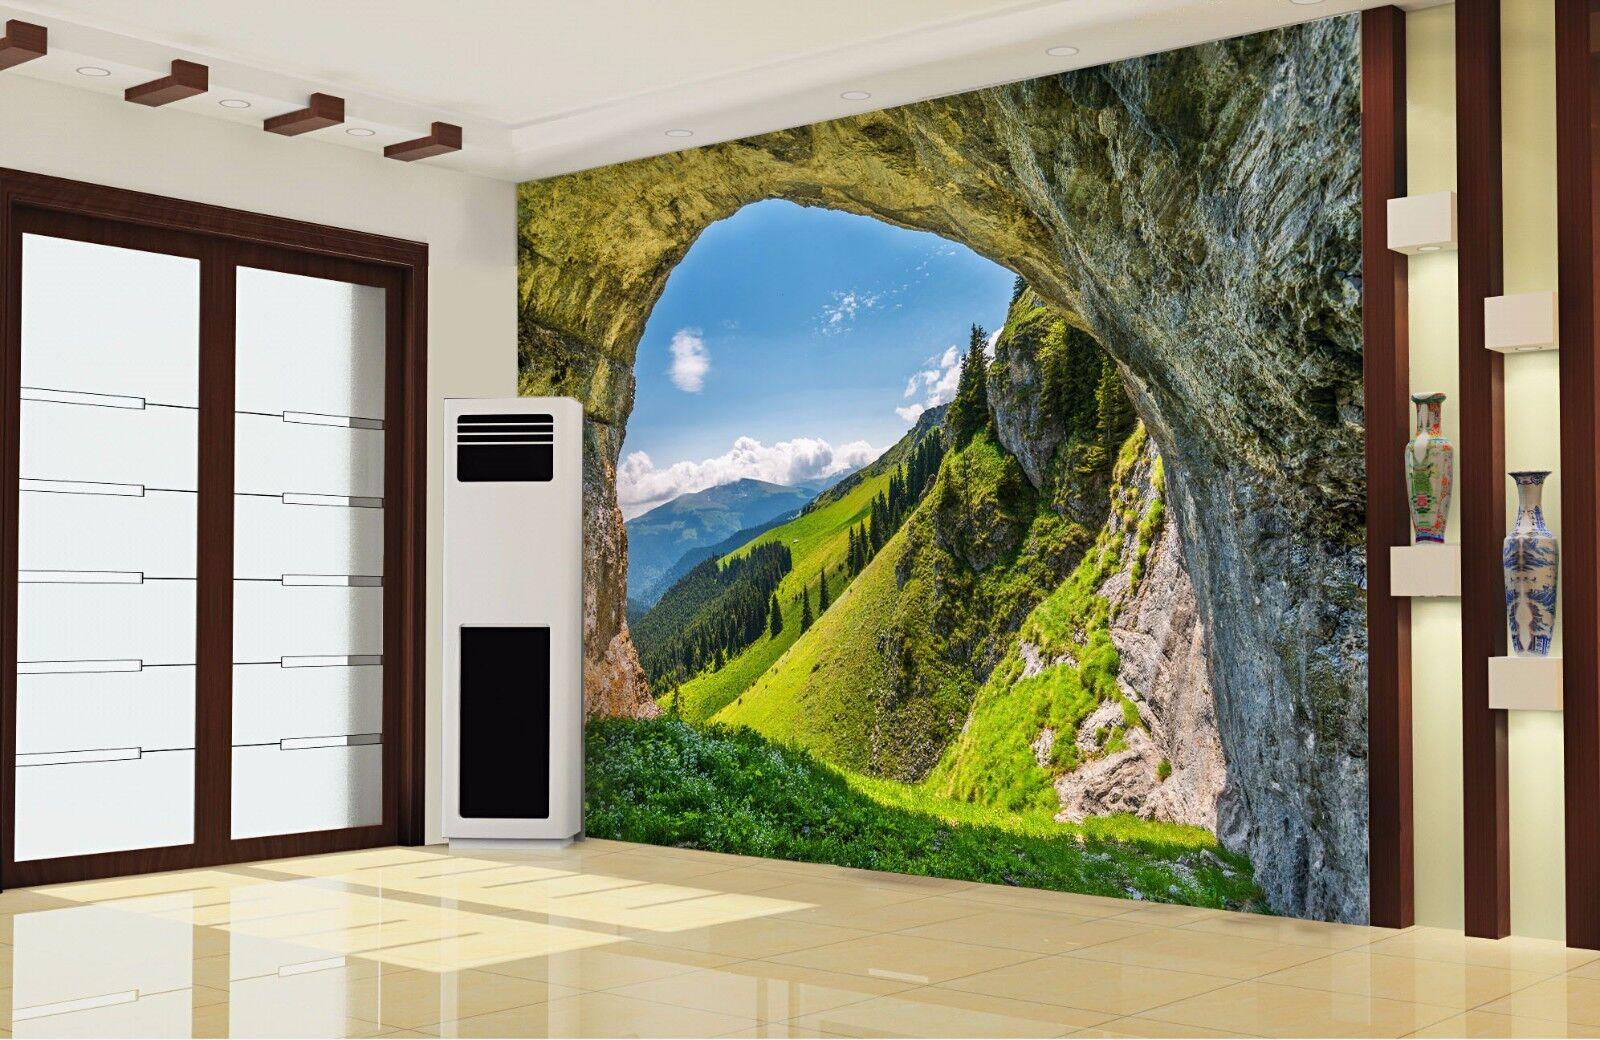 3d Cave Sky 74 Wall Paper Murals Wall Print Wall Wallpaper